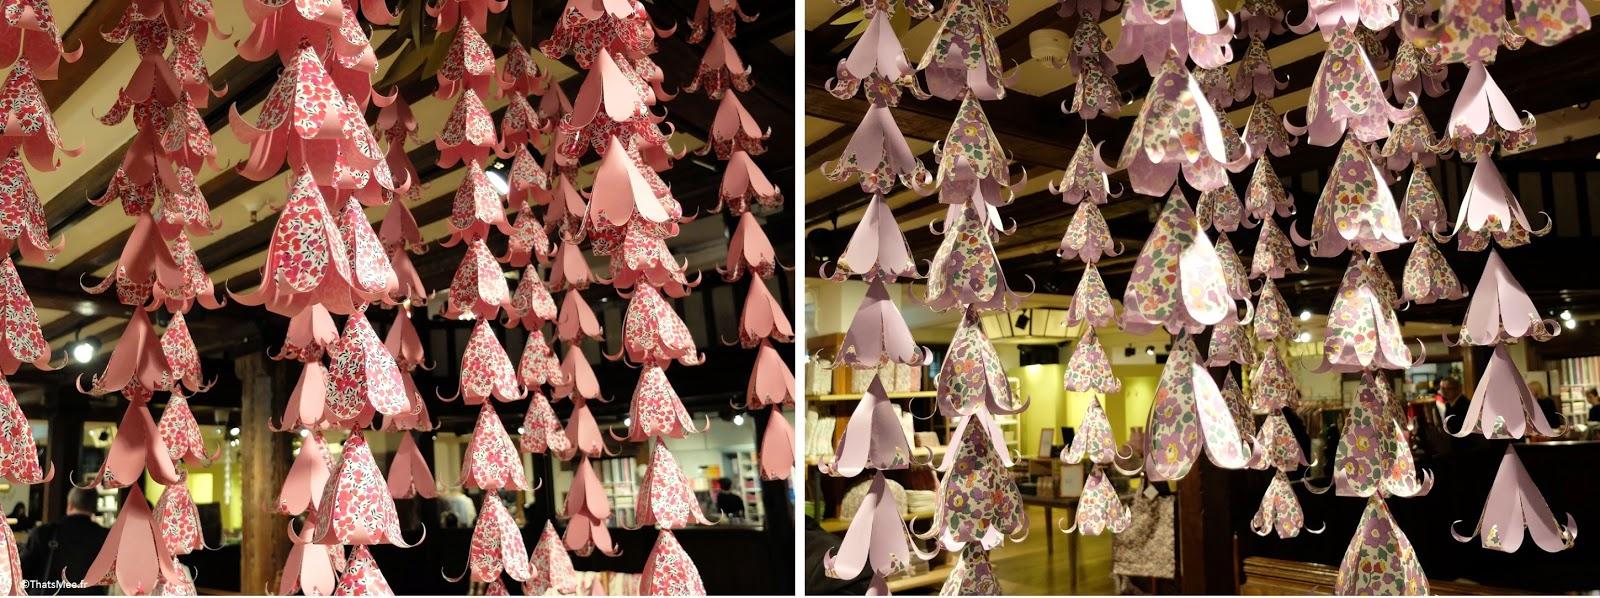 déco suspension origami papier Liberty London, Liberty London pochons lavande 5ème étage fabric tissu fleuri anglais imprimé